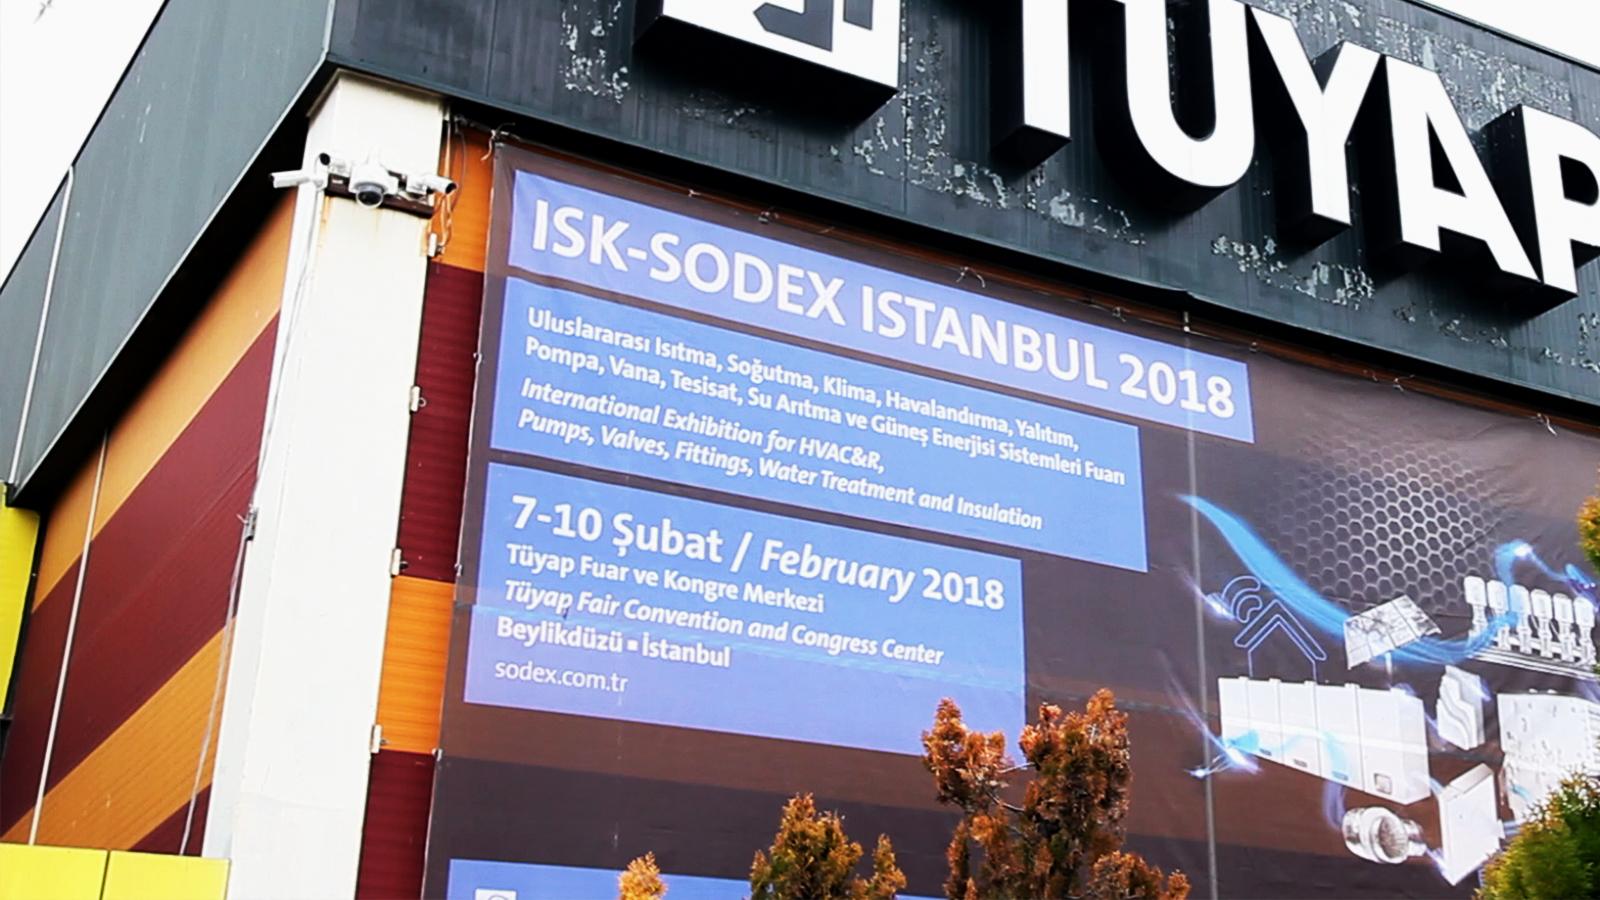 ISK-SODEX Fuarı'ndayız!